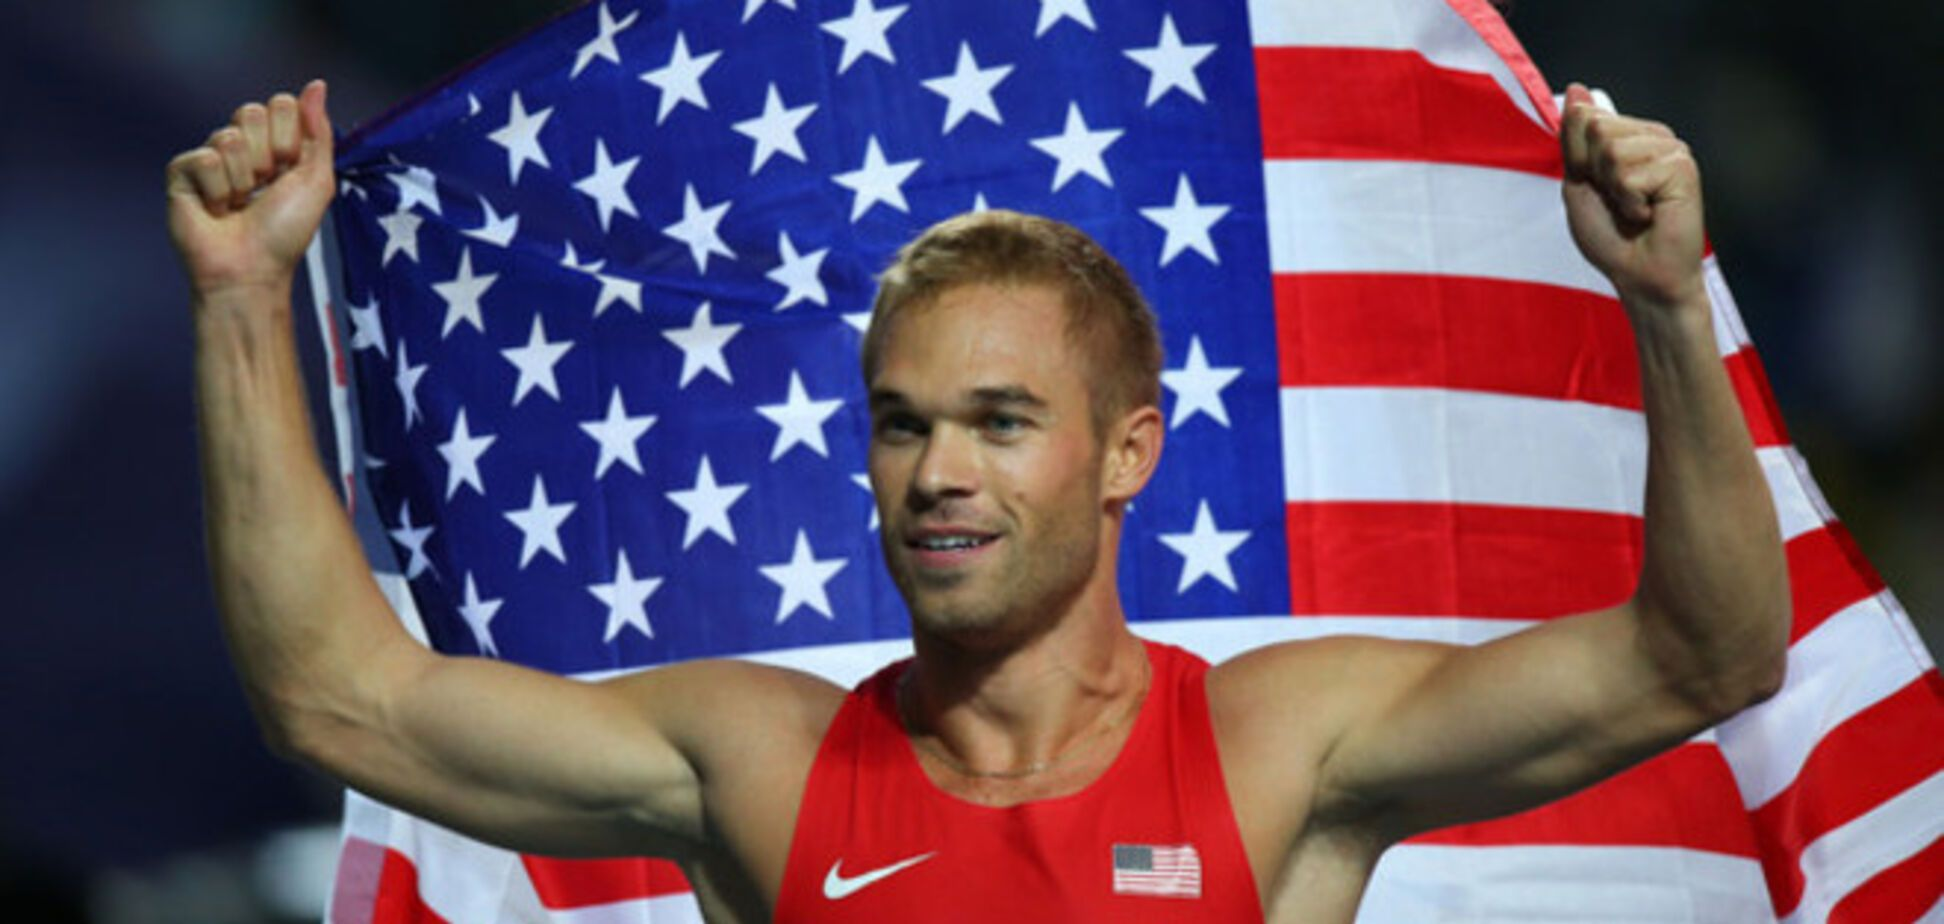 Американский чемпион придумал специальную жвачку для спортсменов